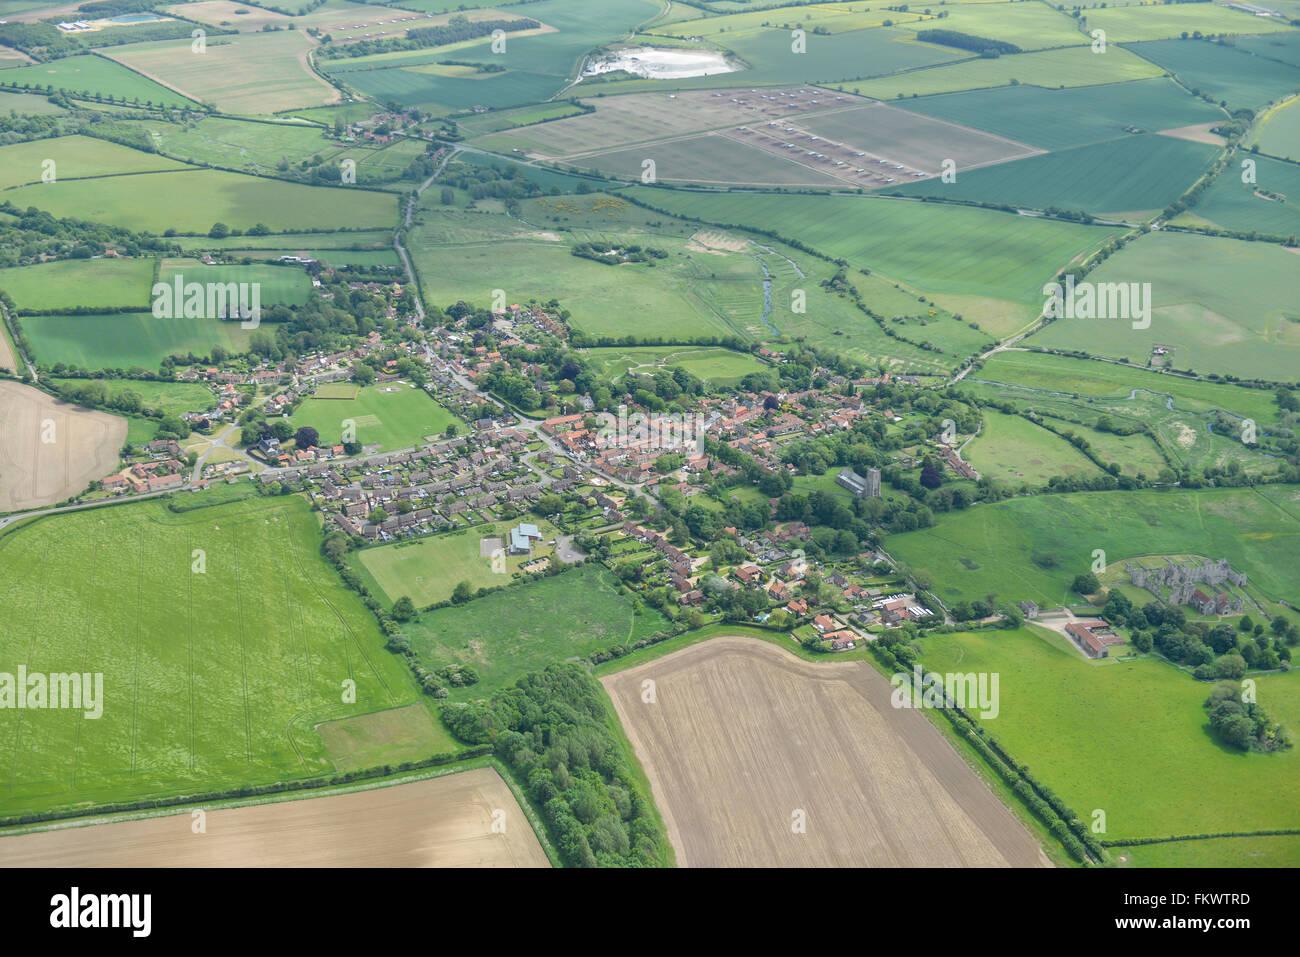 Une vue aérienne du village de Castle Acre de Norfolk et la campagne environnante Photo Stock